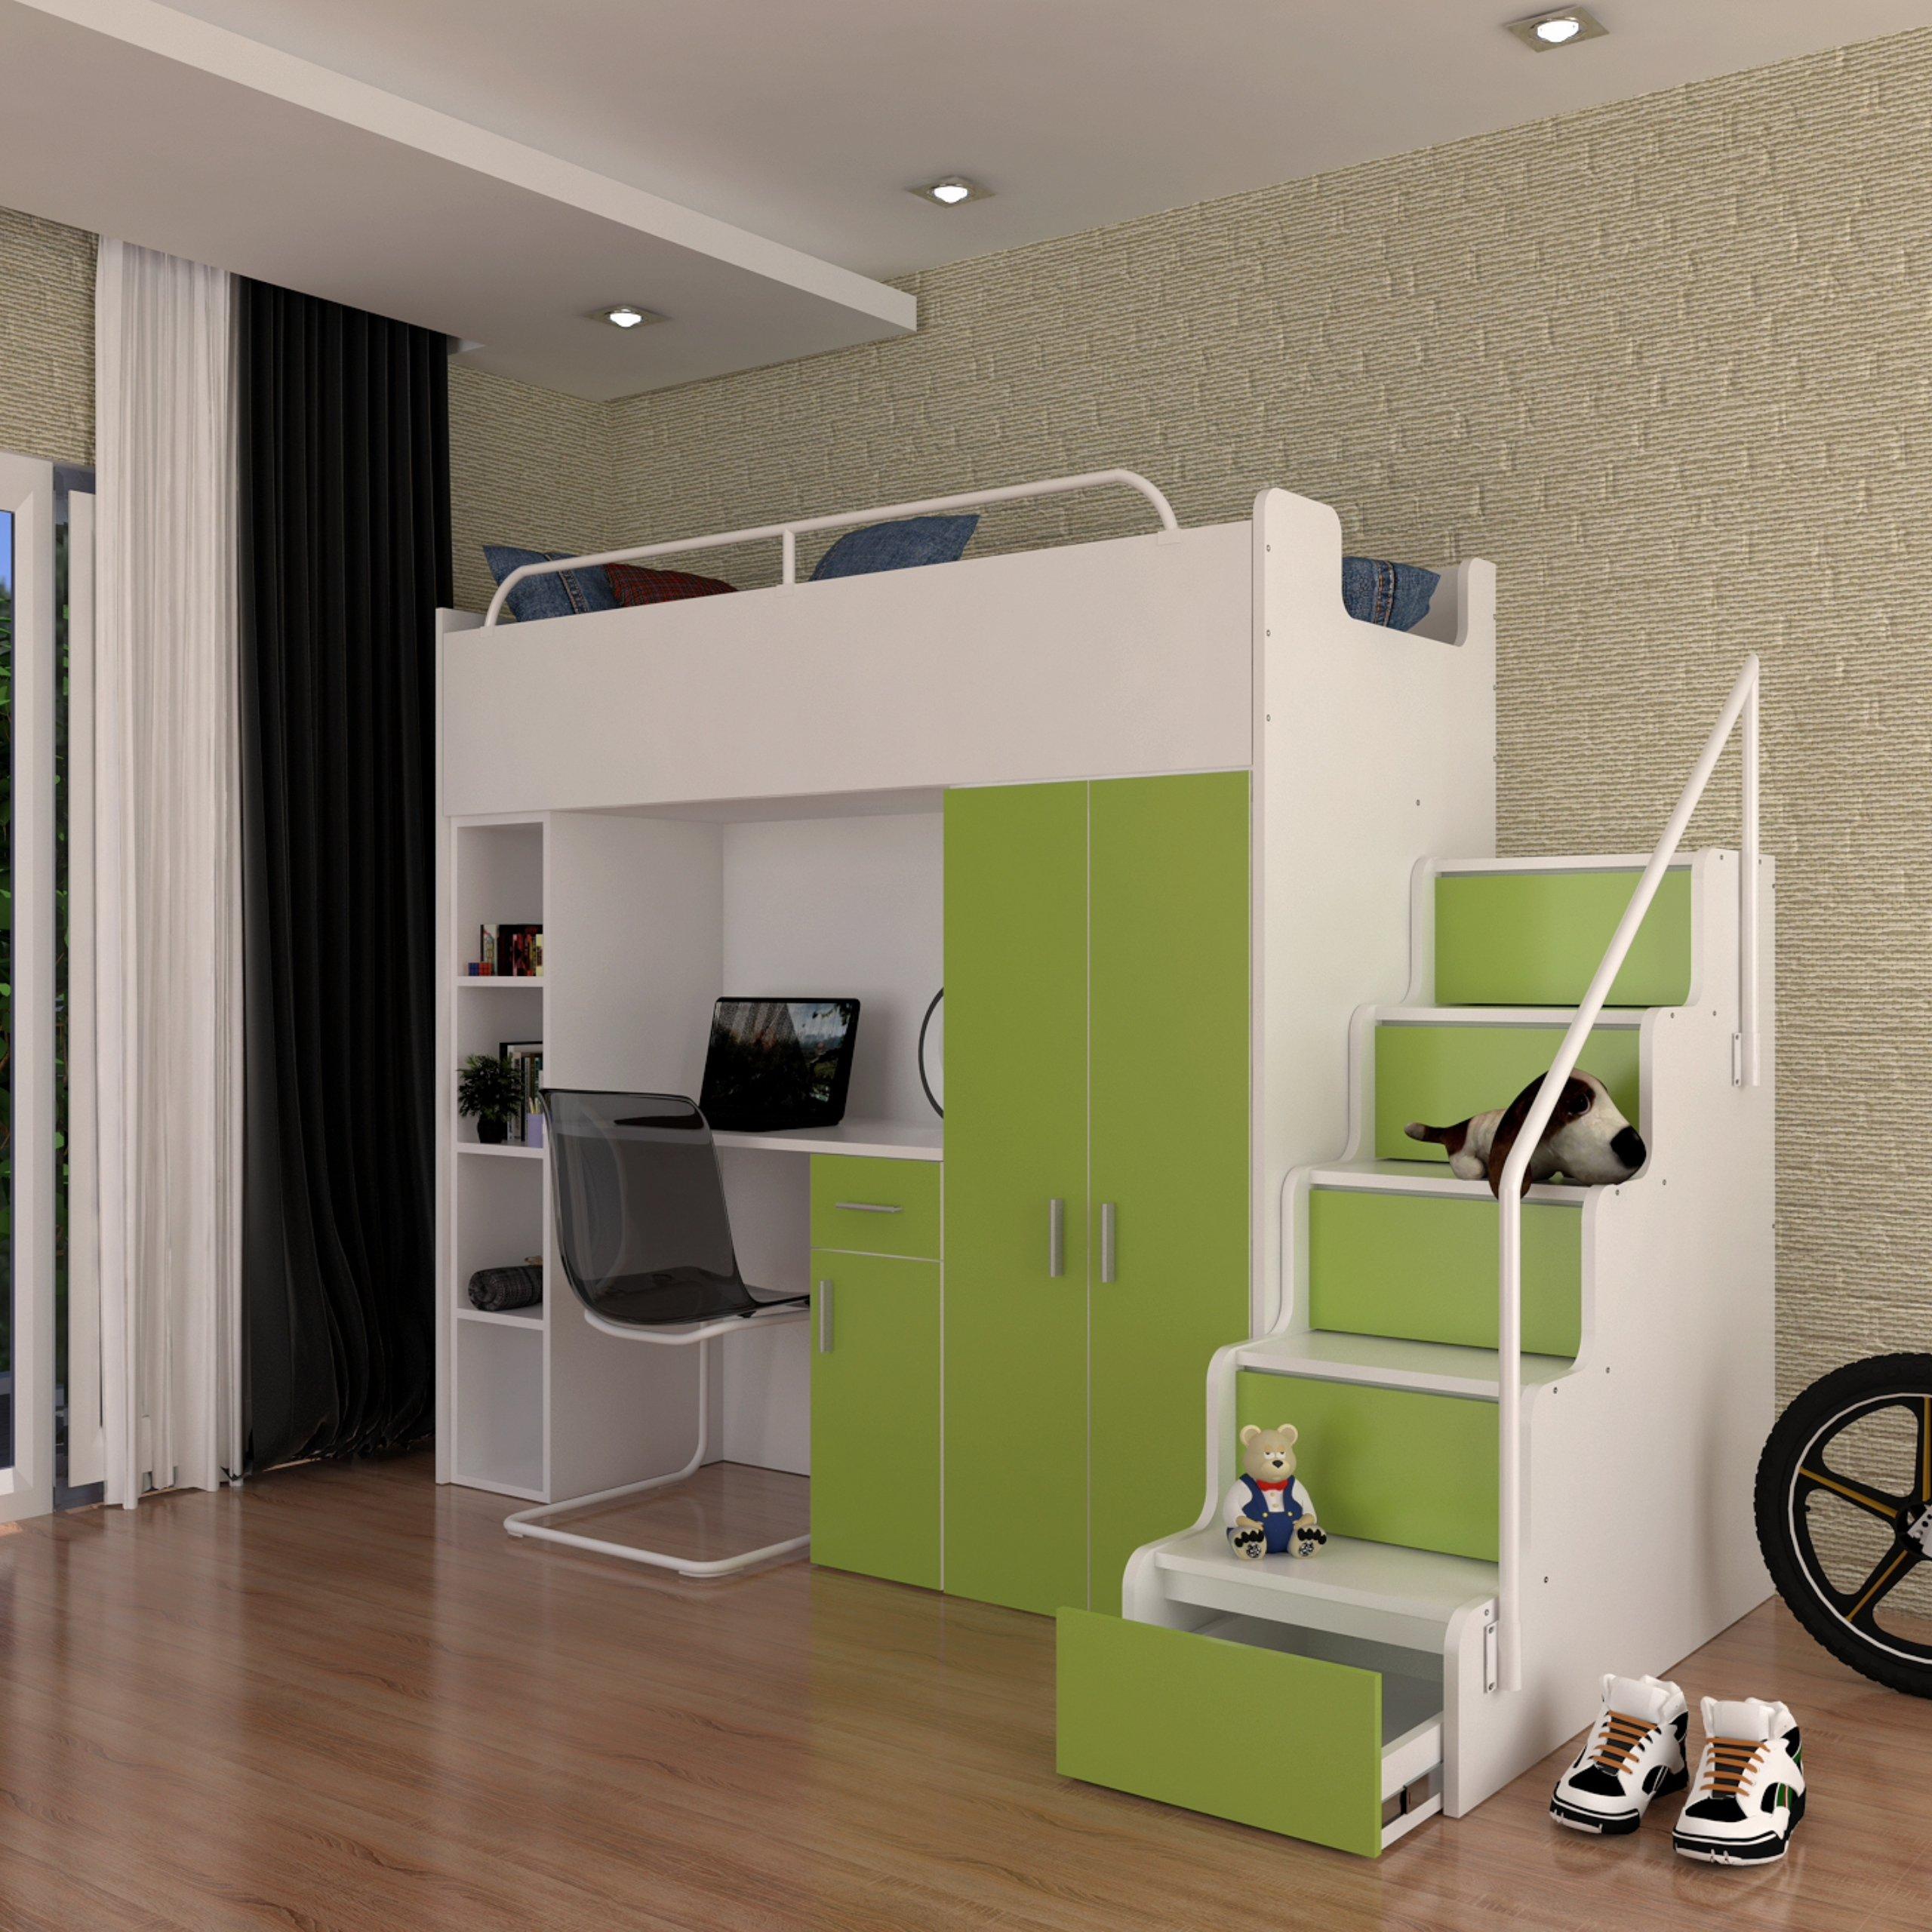 łóżko Piętrowe Z Szafą I Biurkiem 9 Kolorów 7408881117 Oficjalne